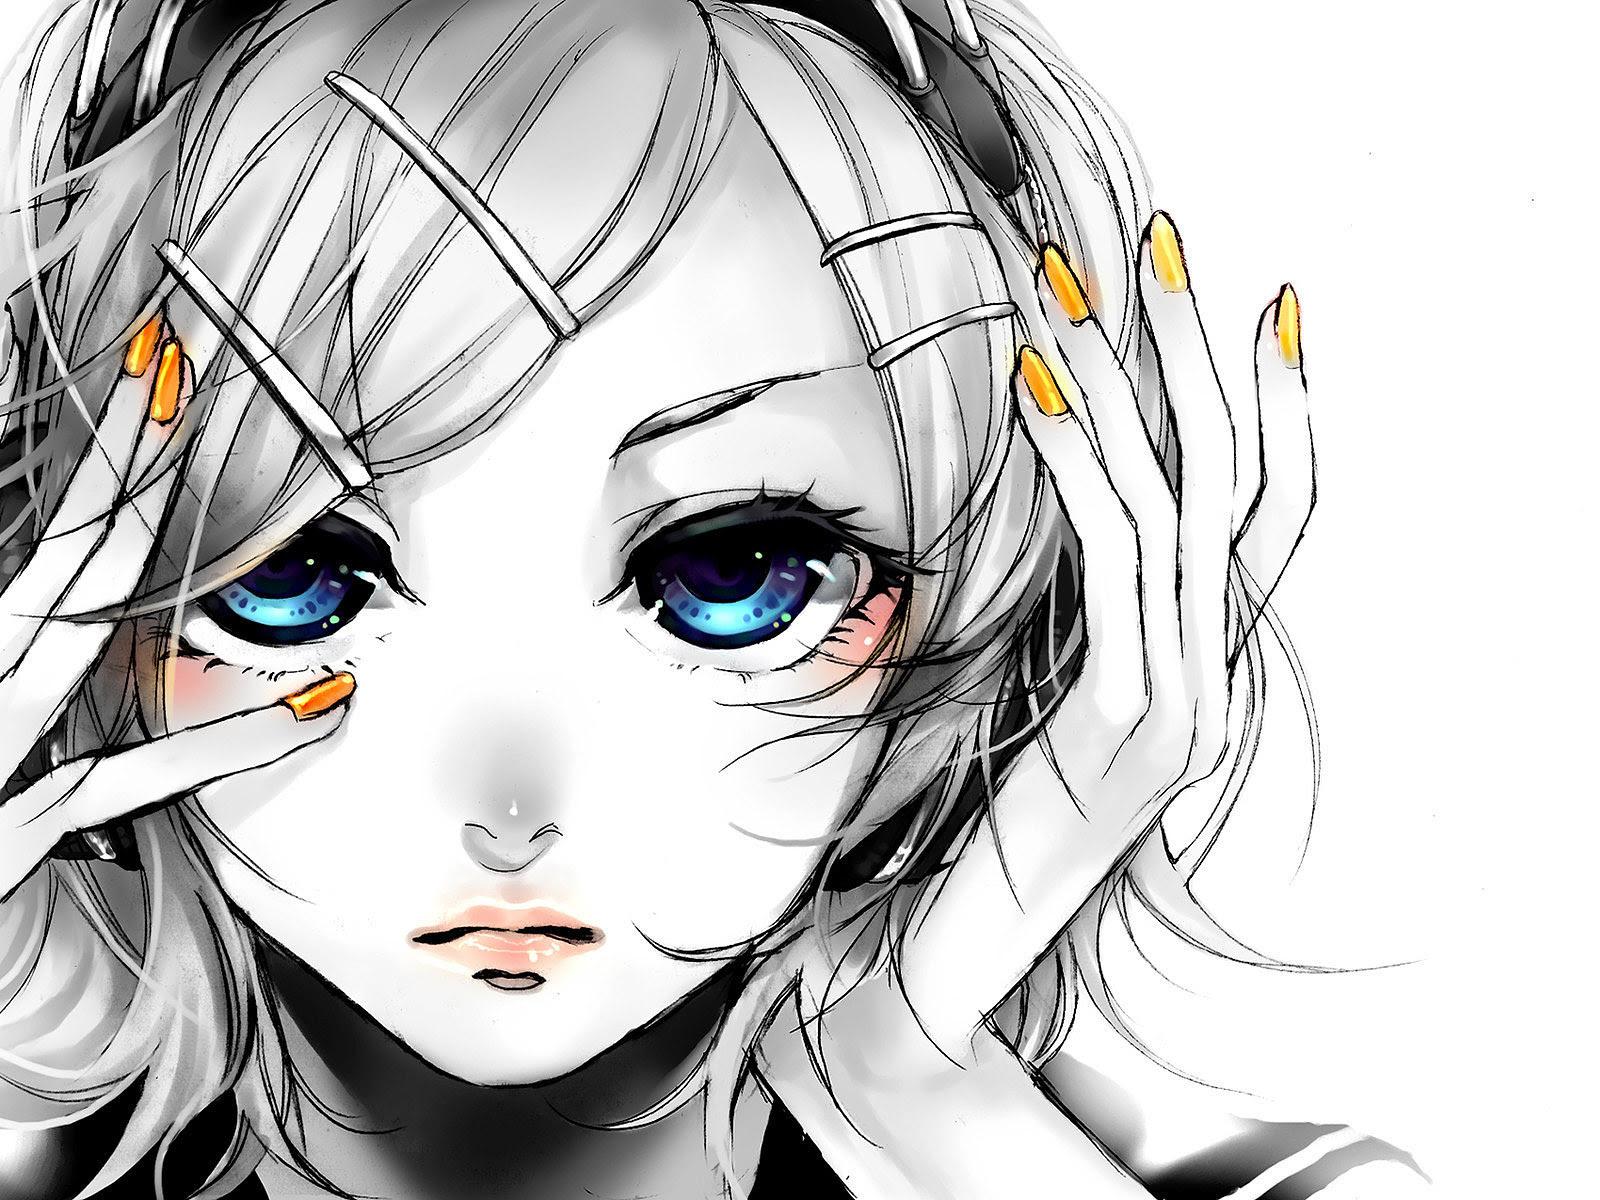 Anime - Vocaloid  - Kagamine Rin - Song Illustration - Migikata No Chou Papel de Parede